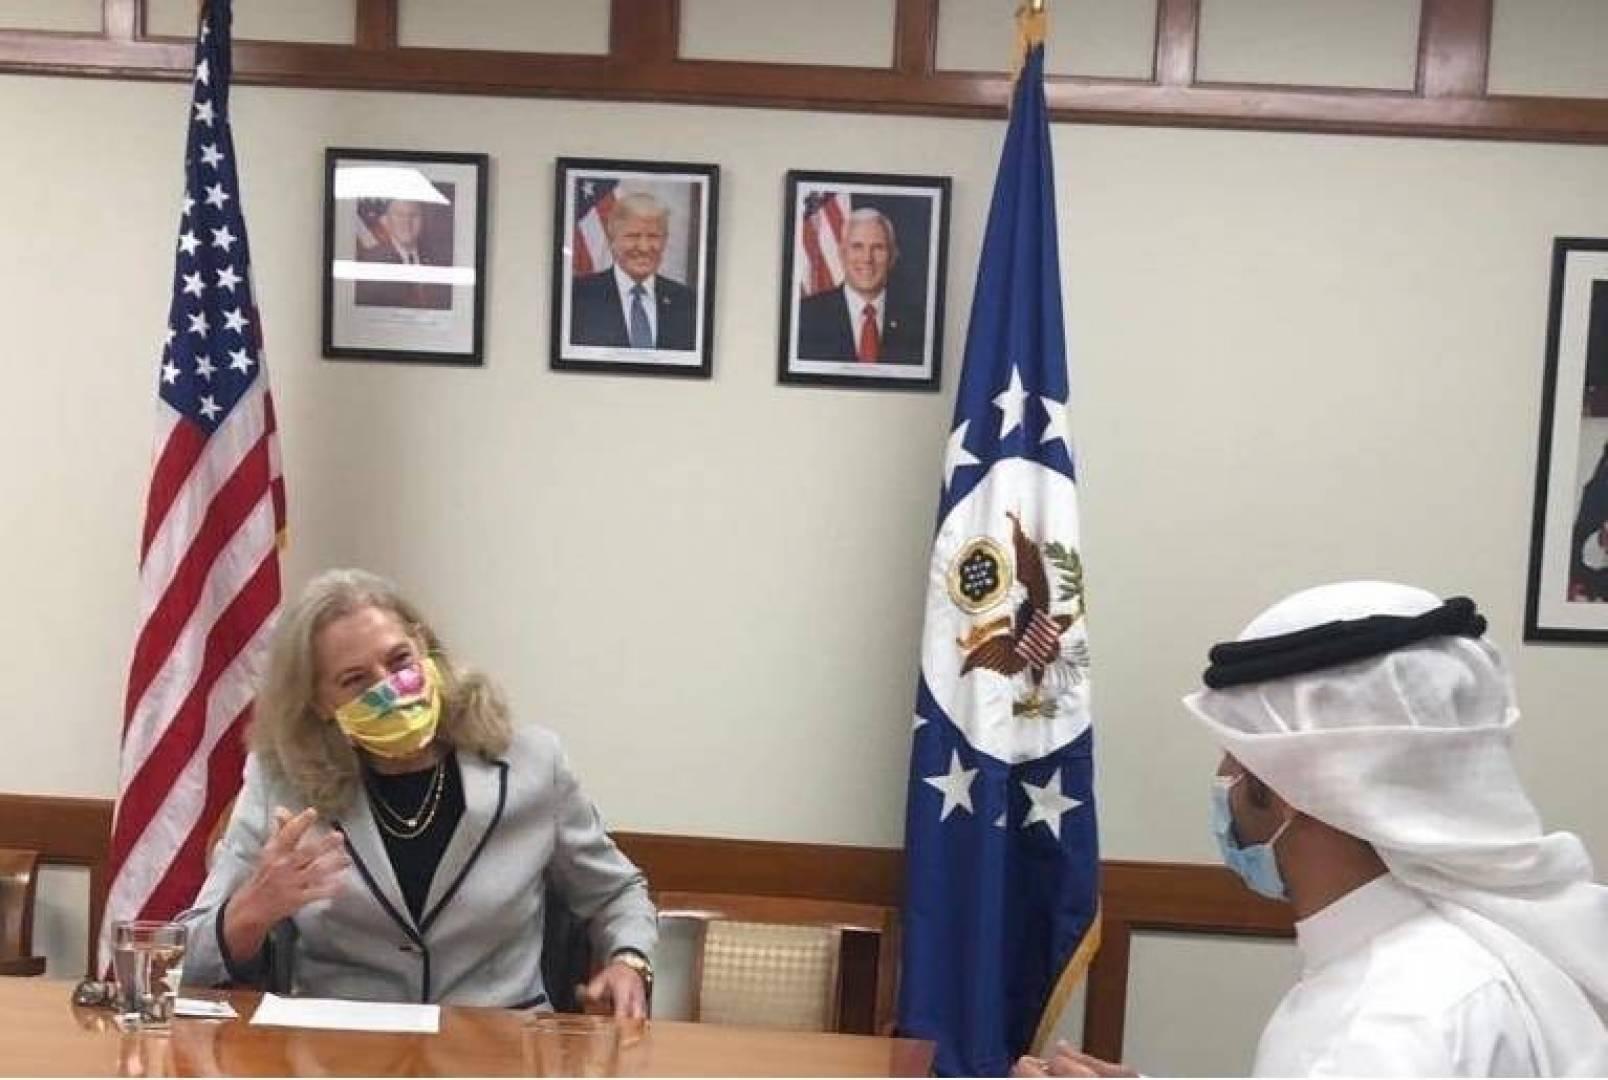 السفيرة الأميركية: روابطنا مع الكويت متينة ونتطلع لمزيد من الشراكة مستقبلاً